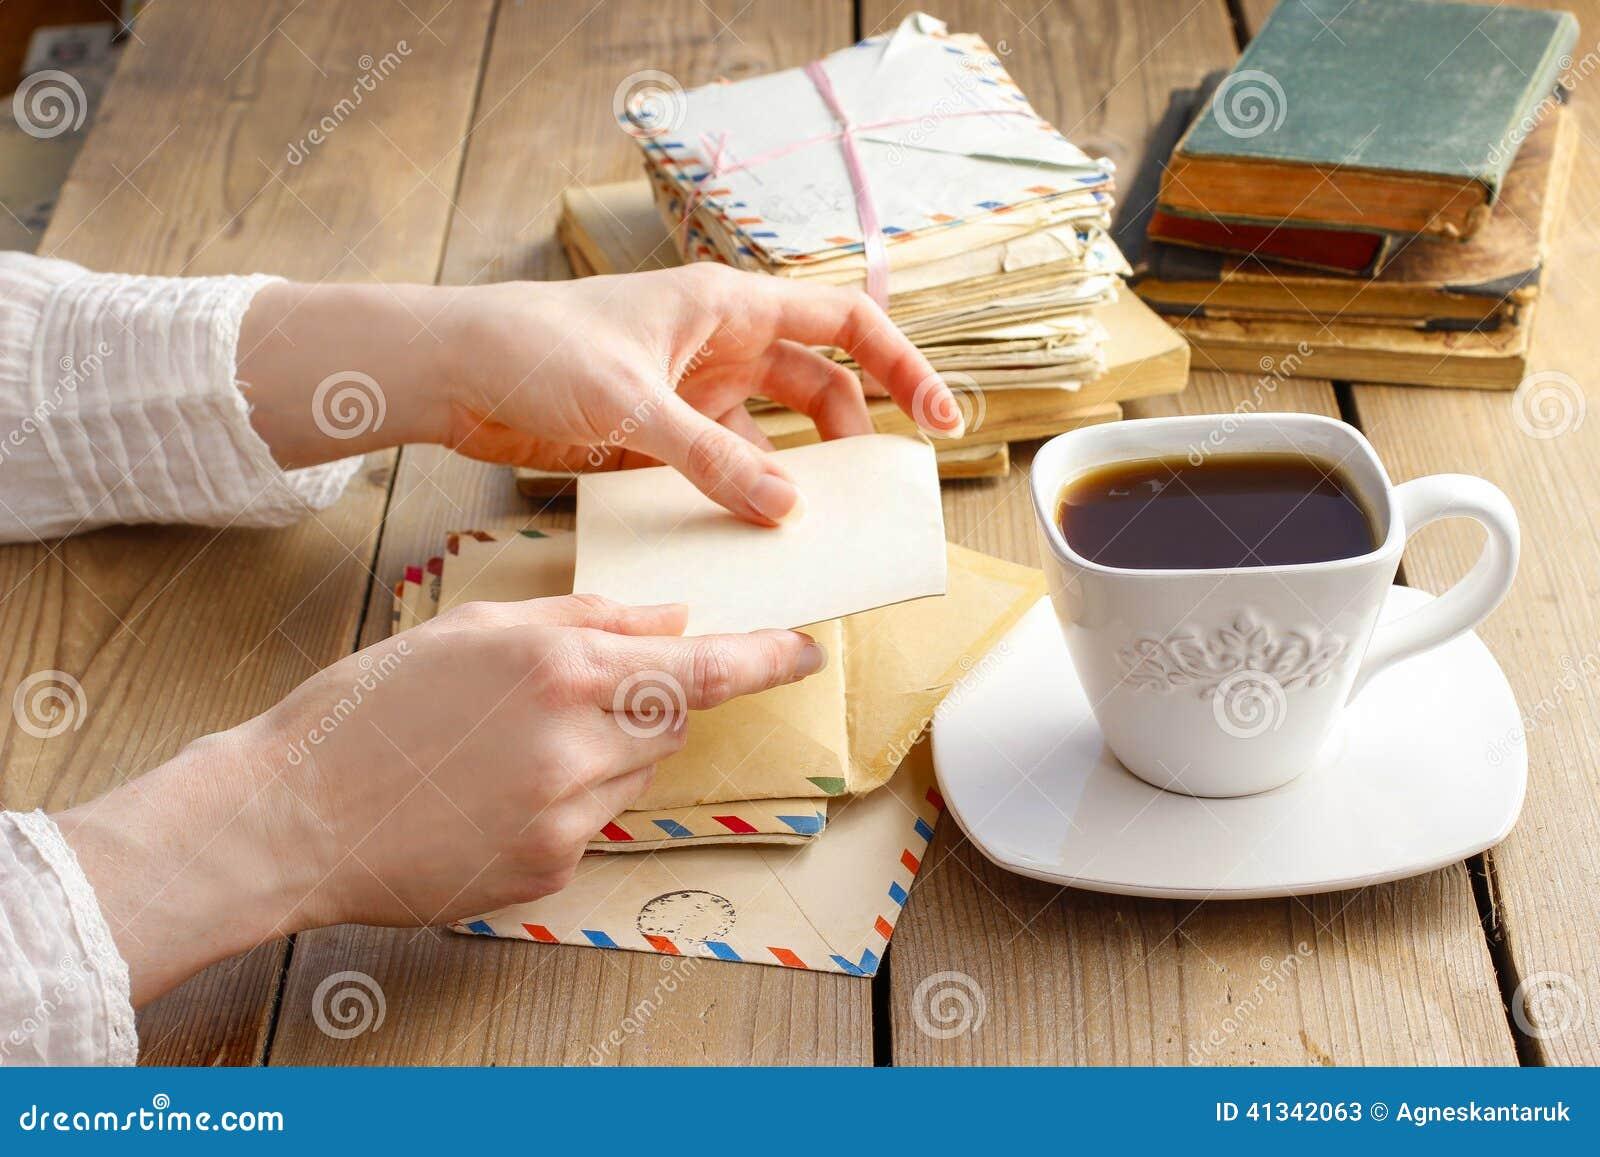 tasse kaffee und buchstaben von der vergangenheit stockbild - bild